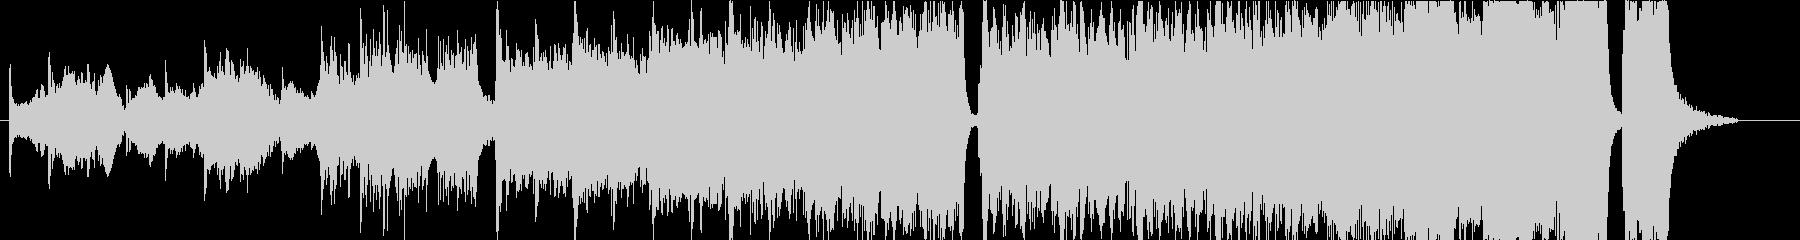 ハリウッド系トレイラーオーケストラの未再生の波形